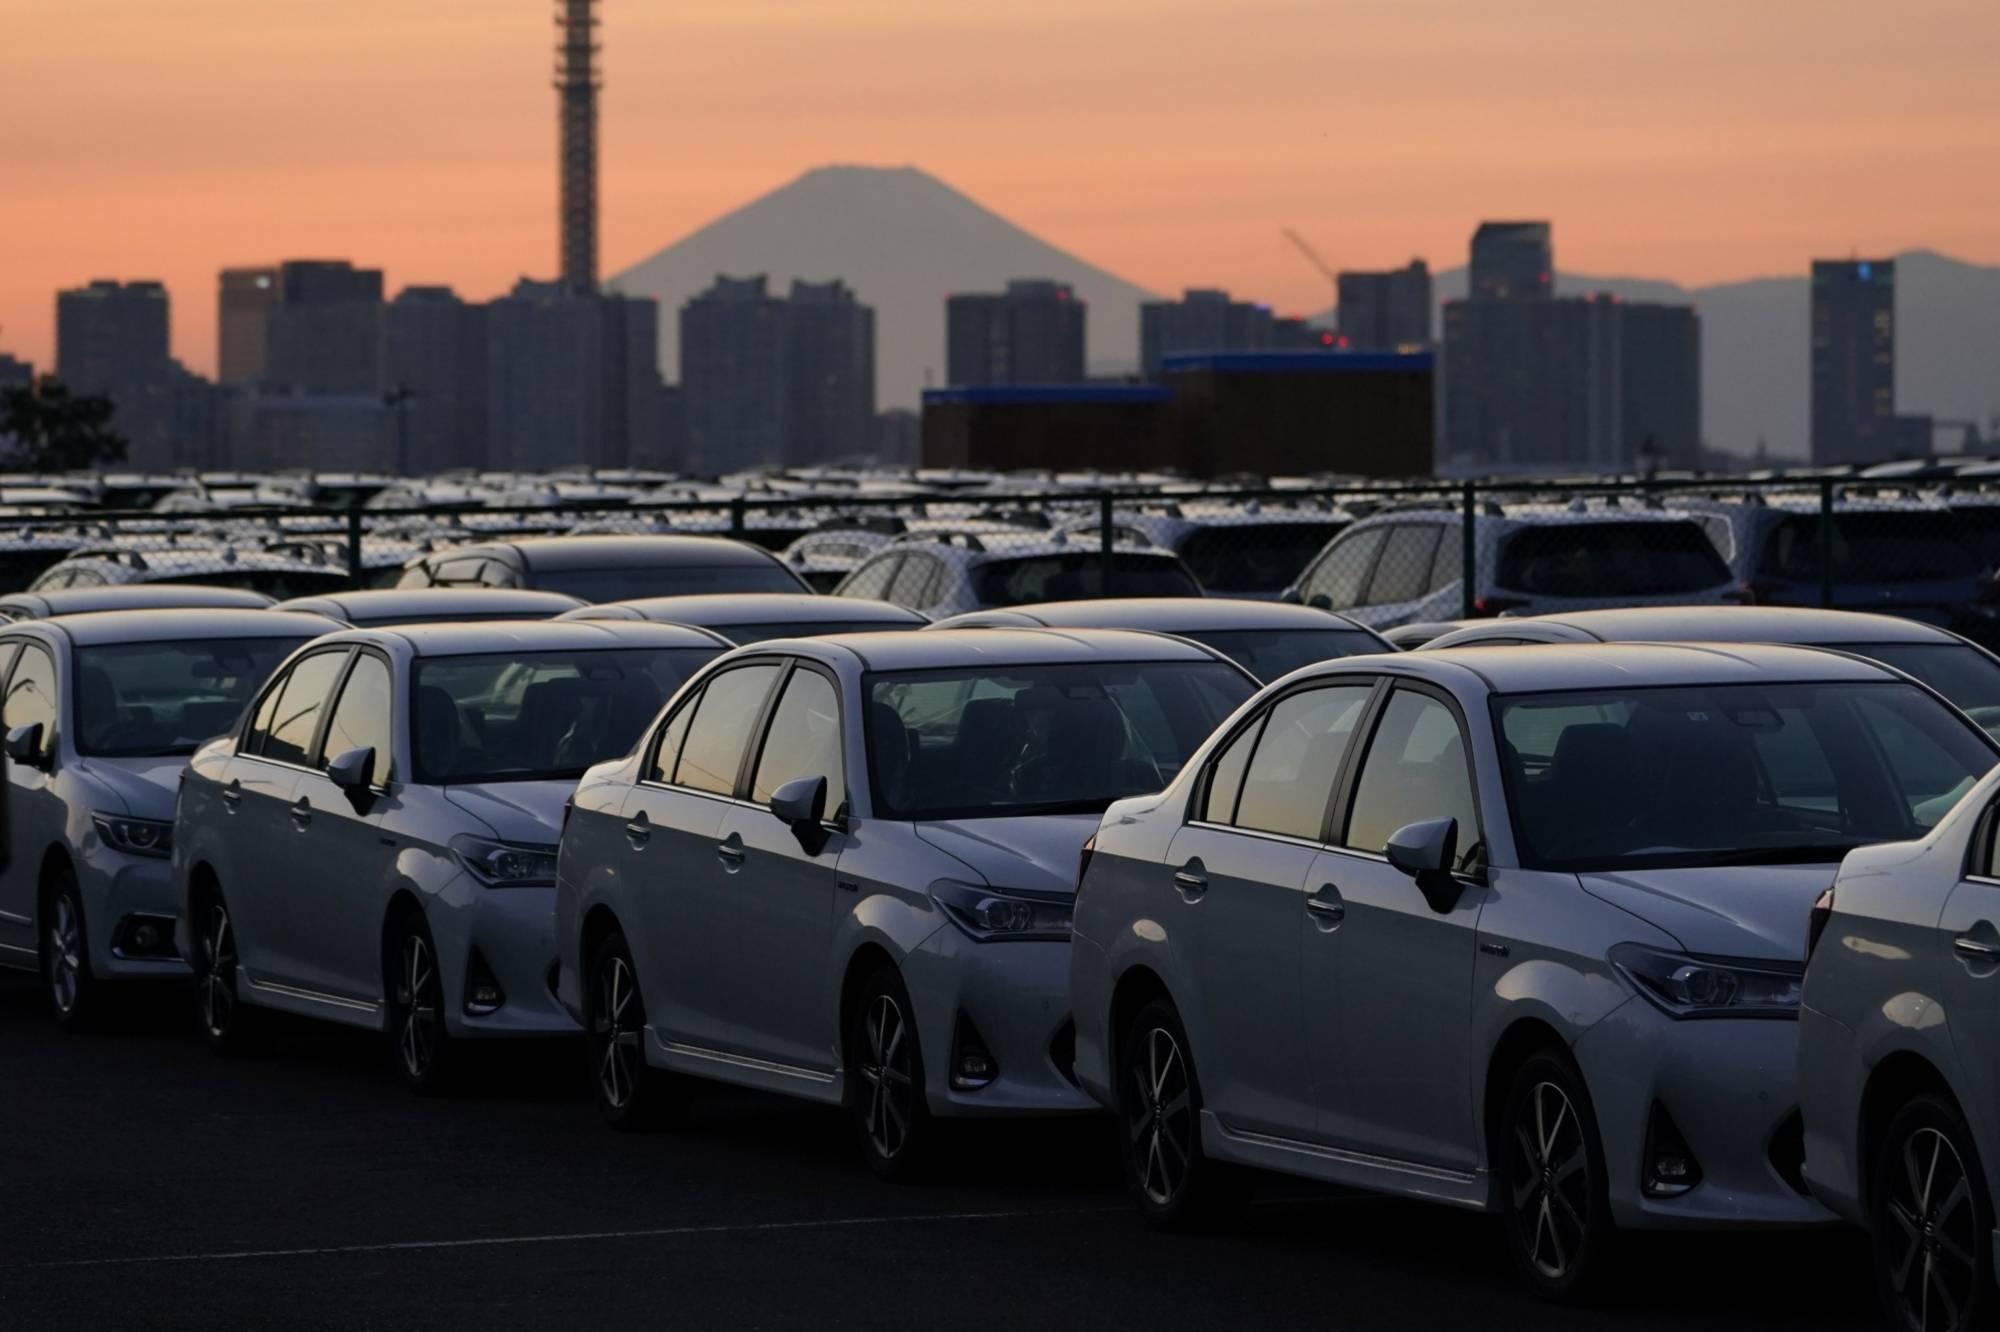 Vozidla Toyota Motor Corp. směřují k přepravě v přístavu v Jokohamě v říjnu. Celosvětové prodeje společnosti Toyota vzrostly v březnu o 44,2% z předchozího roku na rekordních 982 912 vozů.